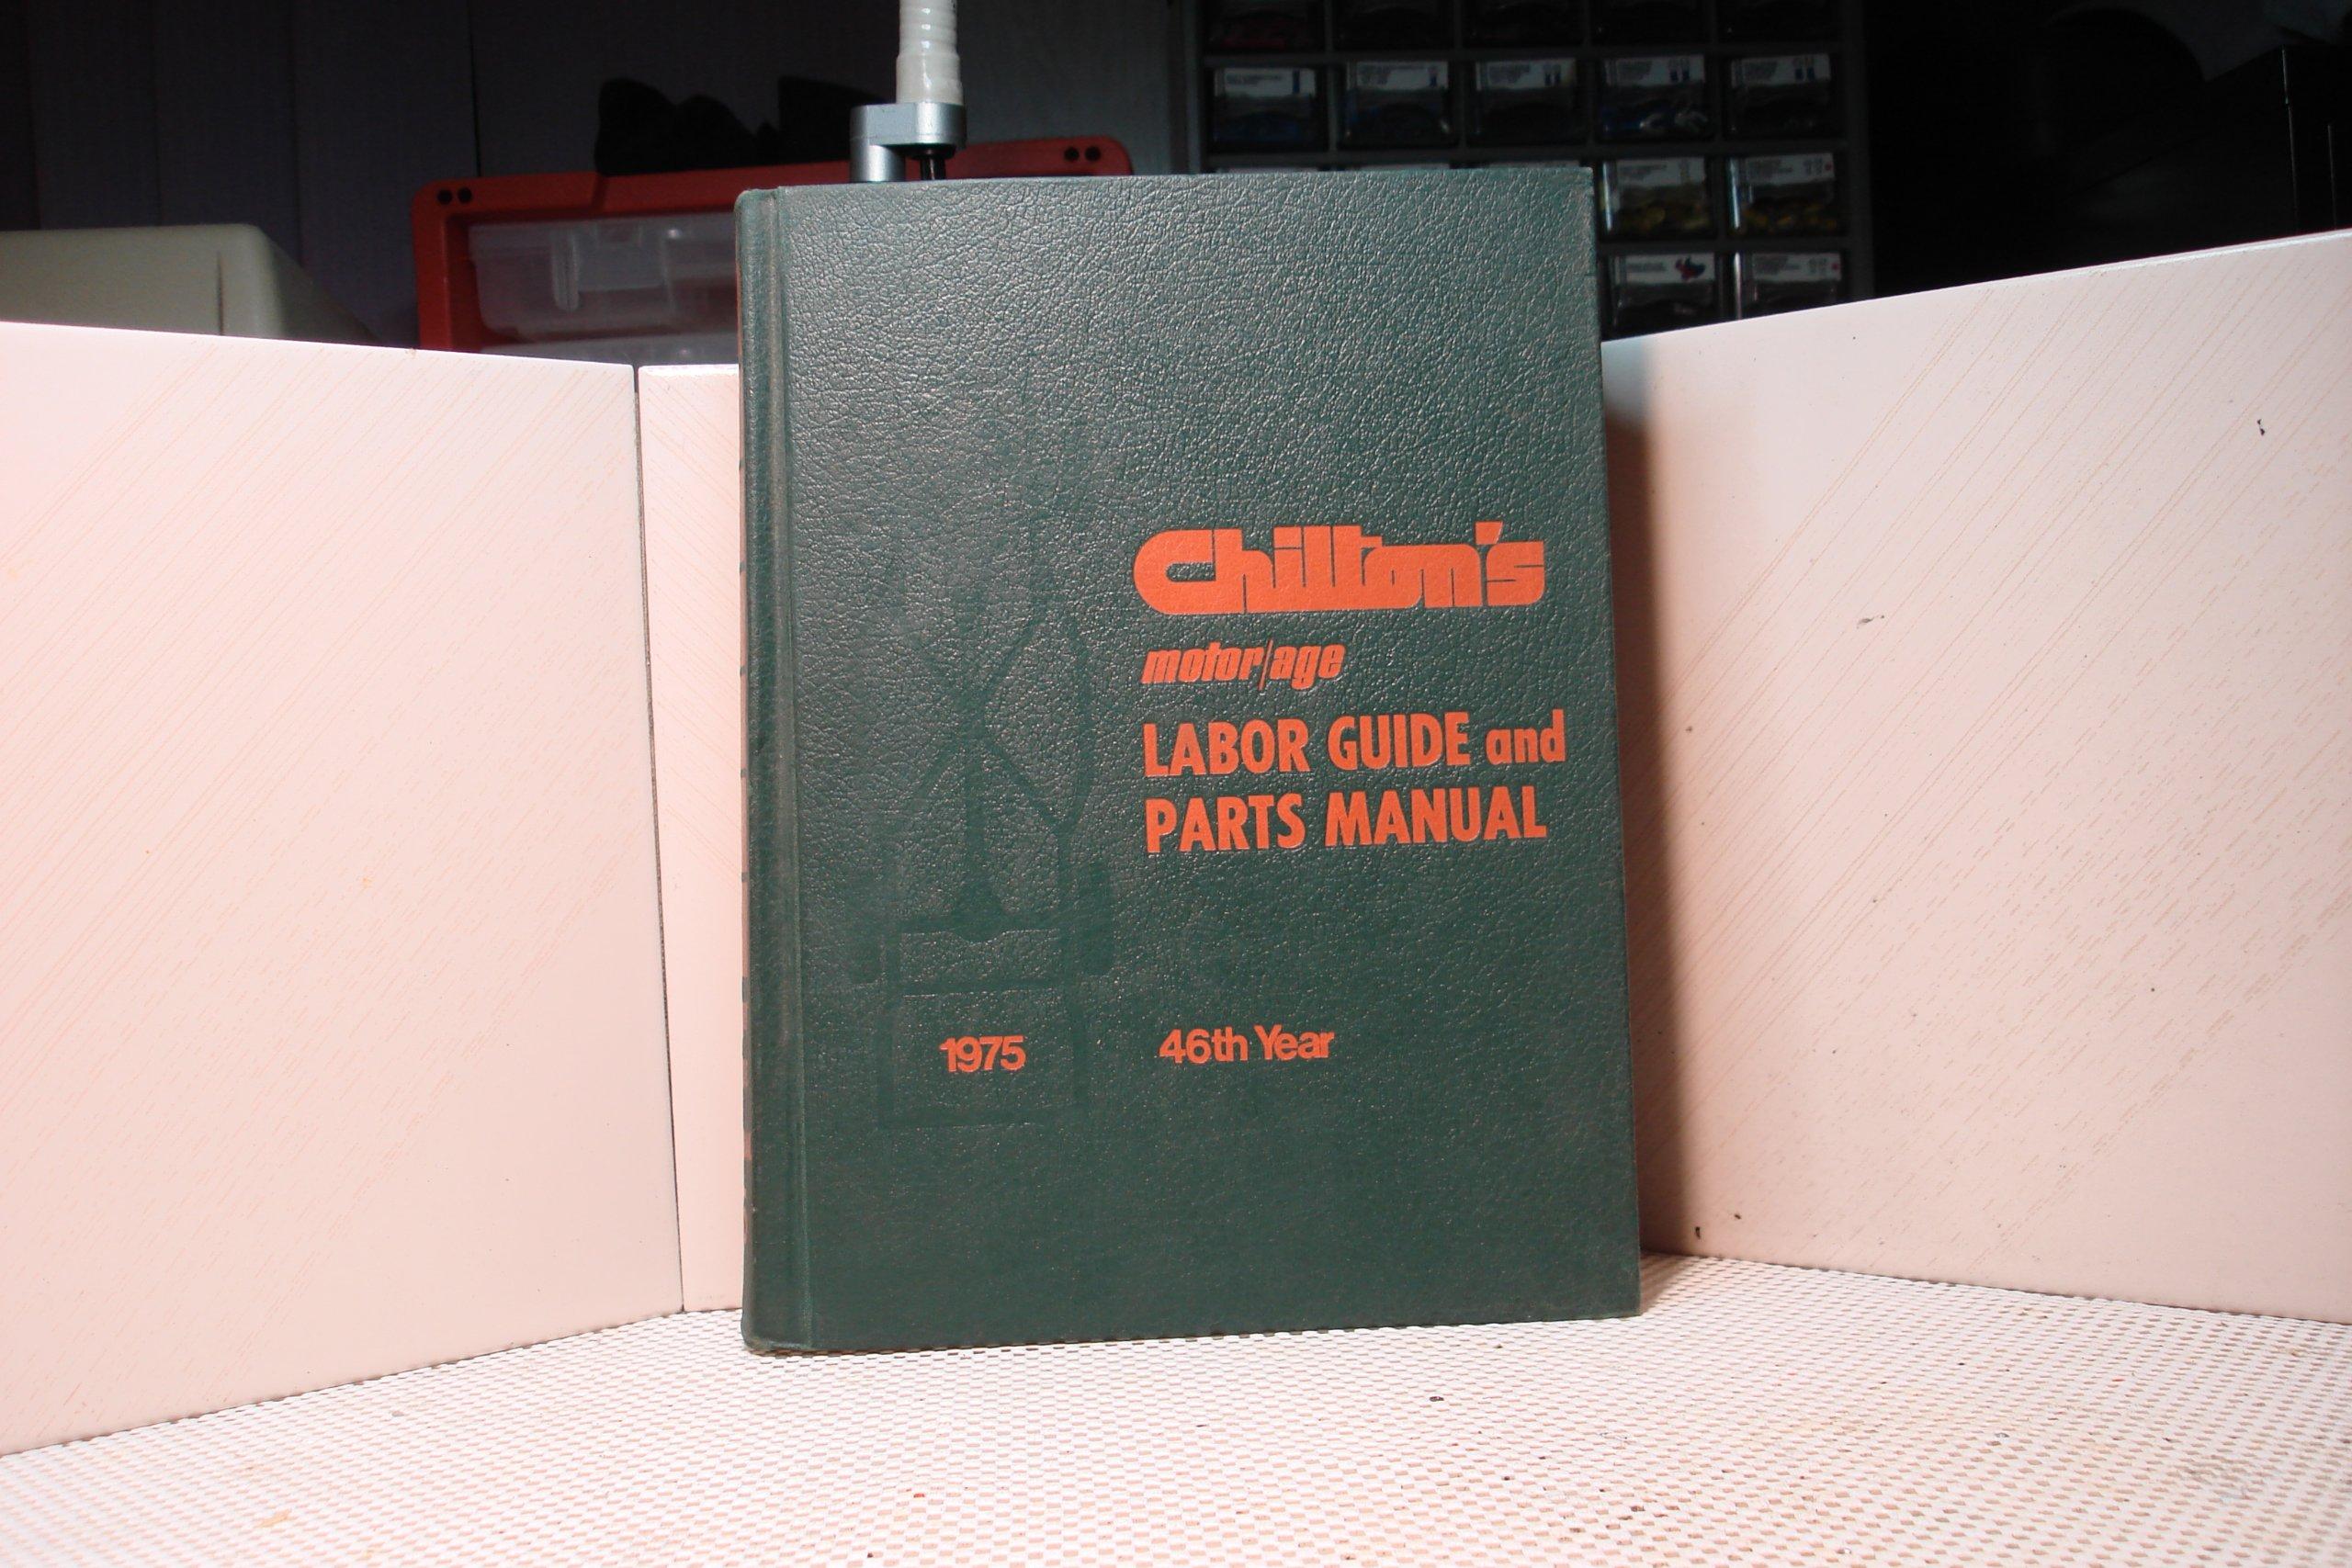 Motor Age Labor Guide and parts manual 1975: Chilton's: Amazon.com: Books